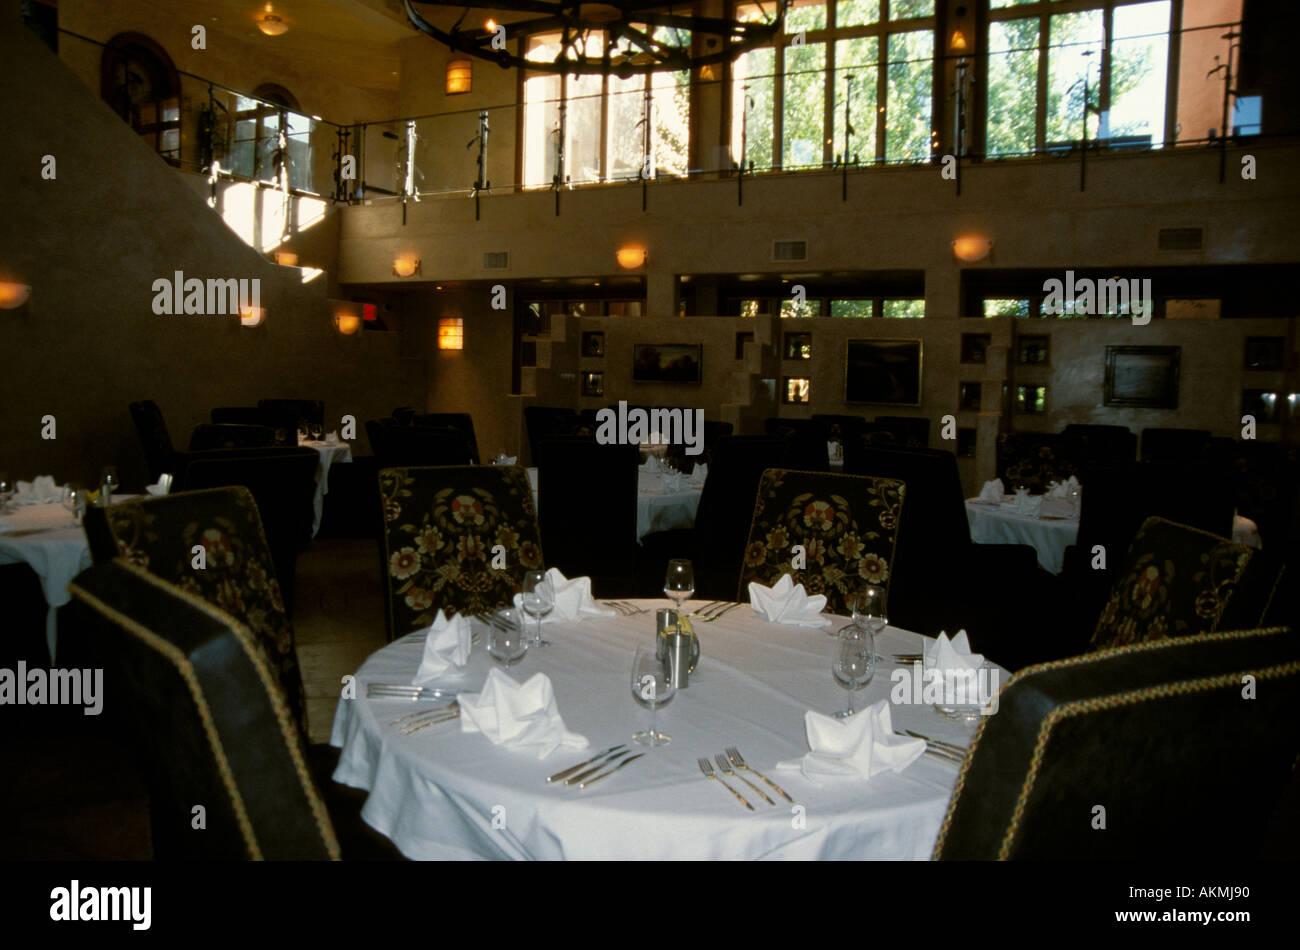 Restaurant Furniture El Monte : Formal dining room of el monte sagrado resort and spa taos